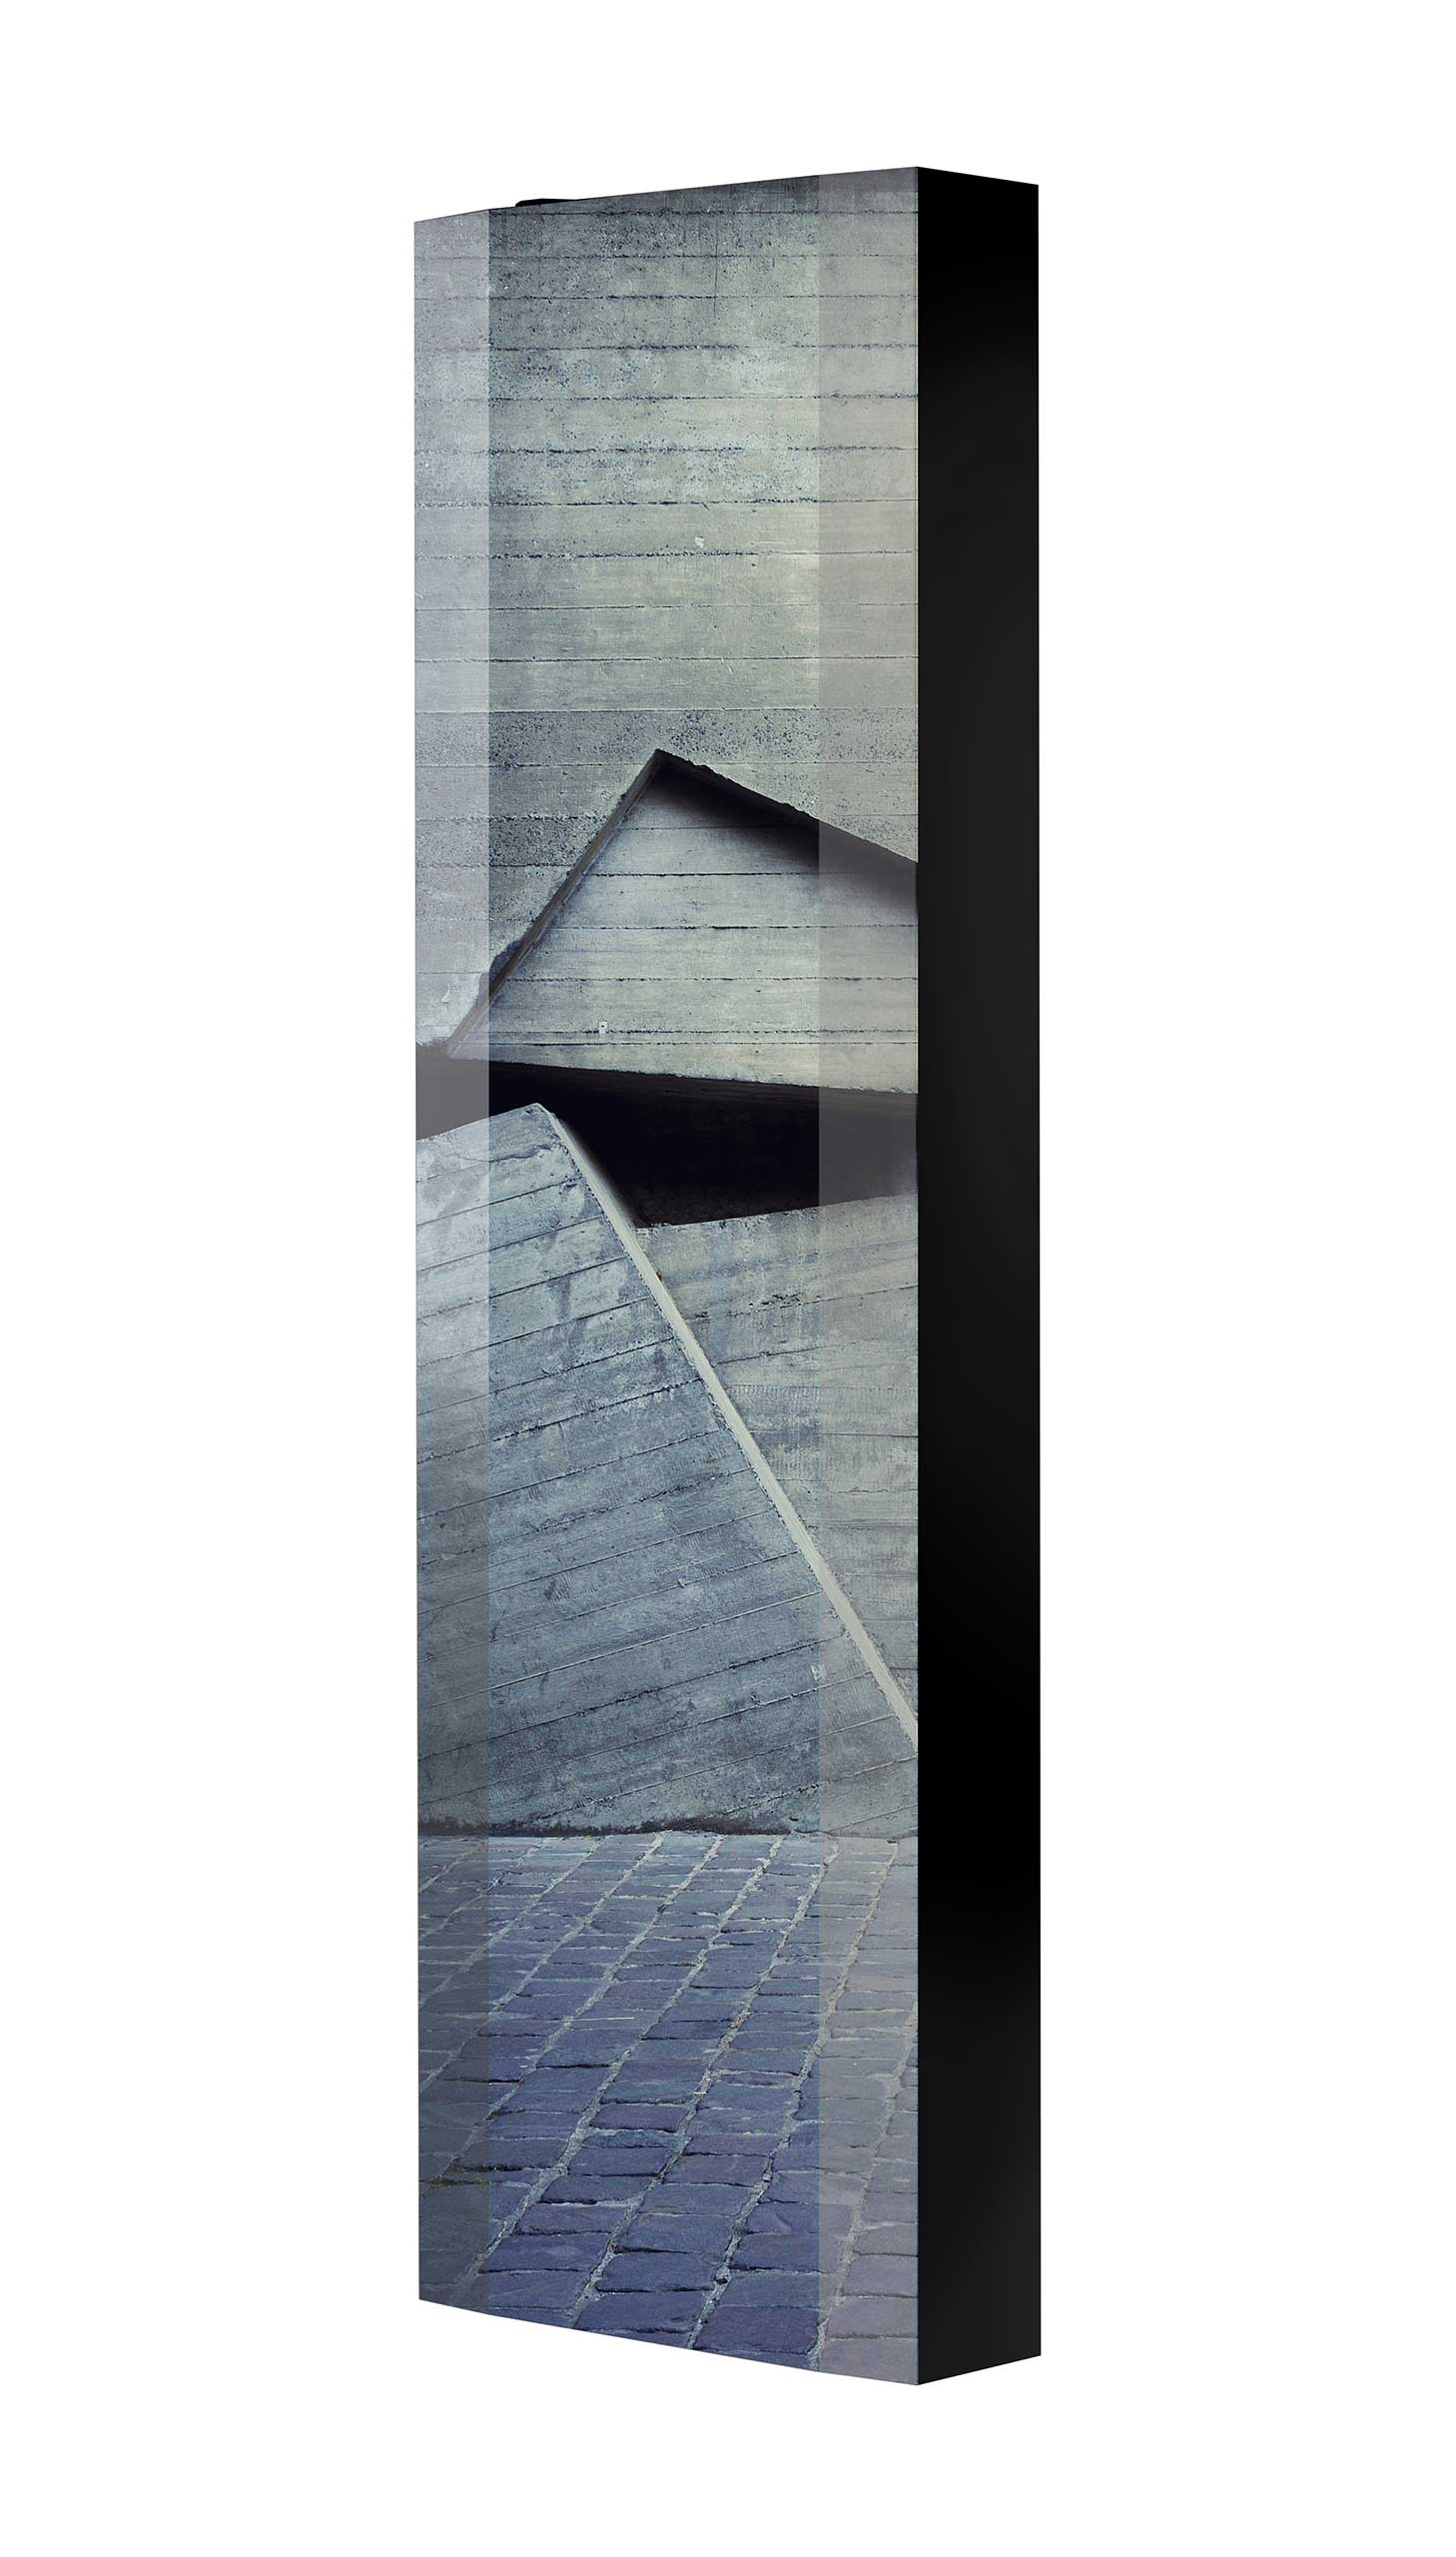 Schuhschrank FLASH 450 BLACK-EDITION Motivschrank schwarz drehbar M15 Architektur